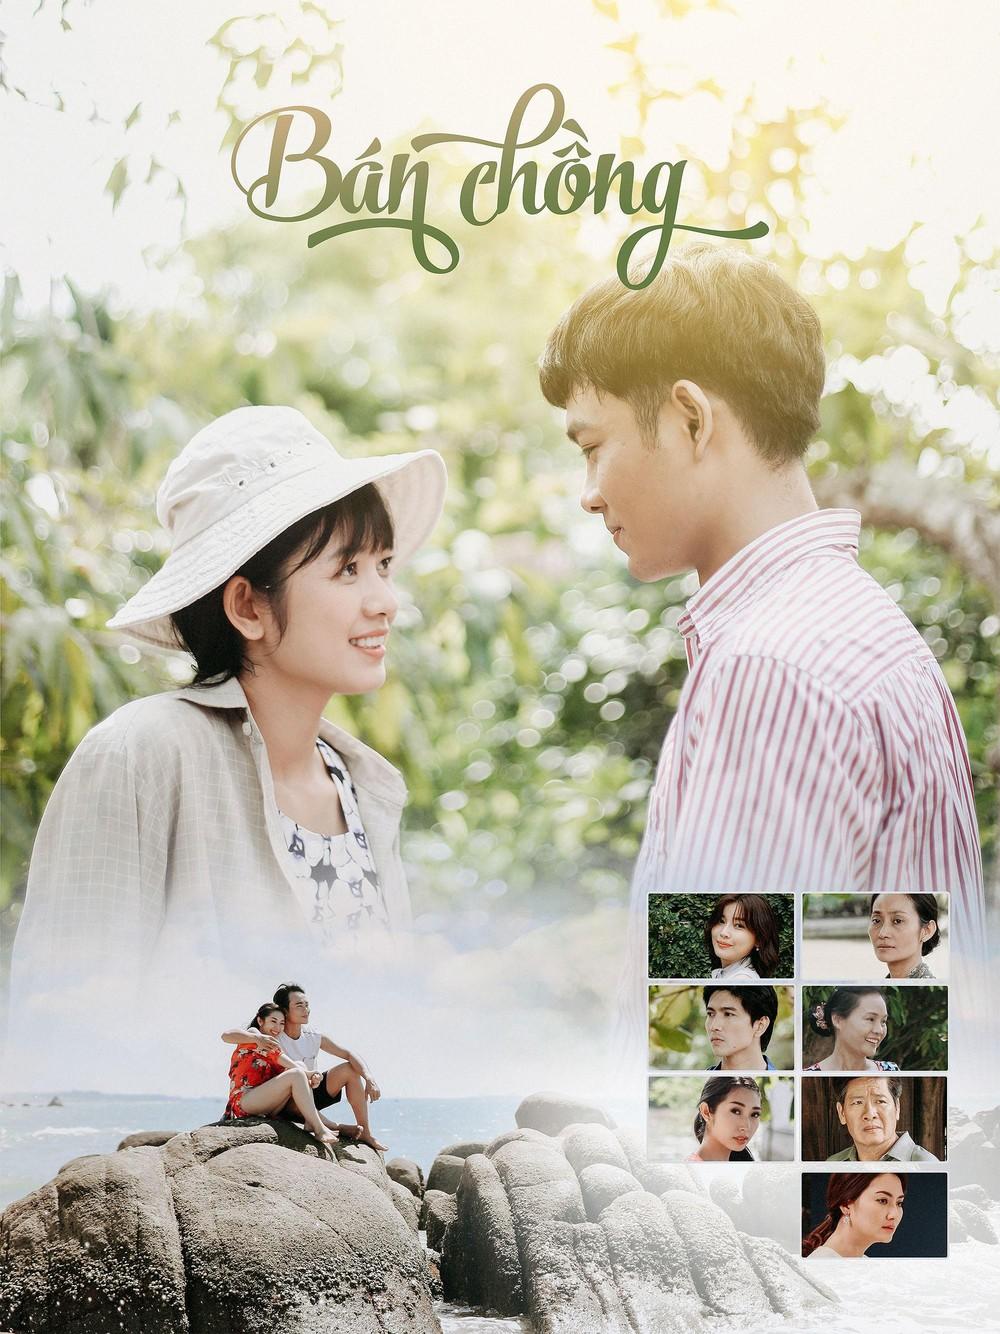 Phim Bán Chồng-VTV3 Tâm Lý Việt Nam (2019)